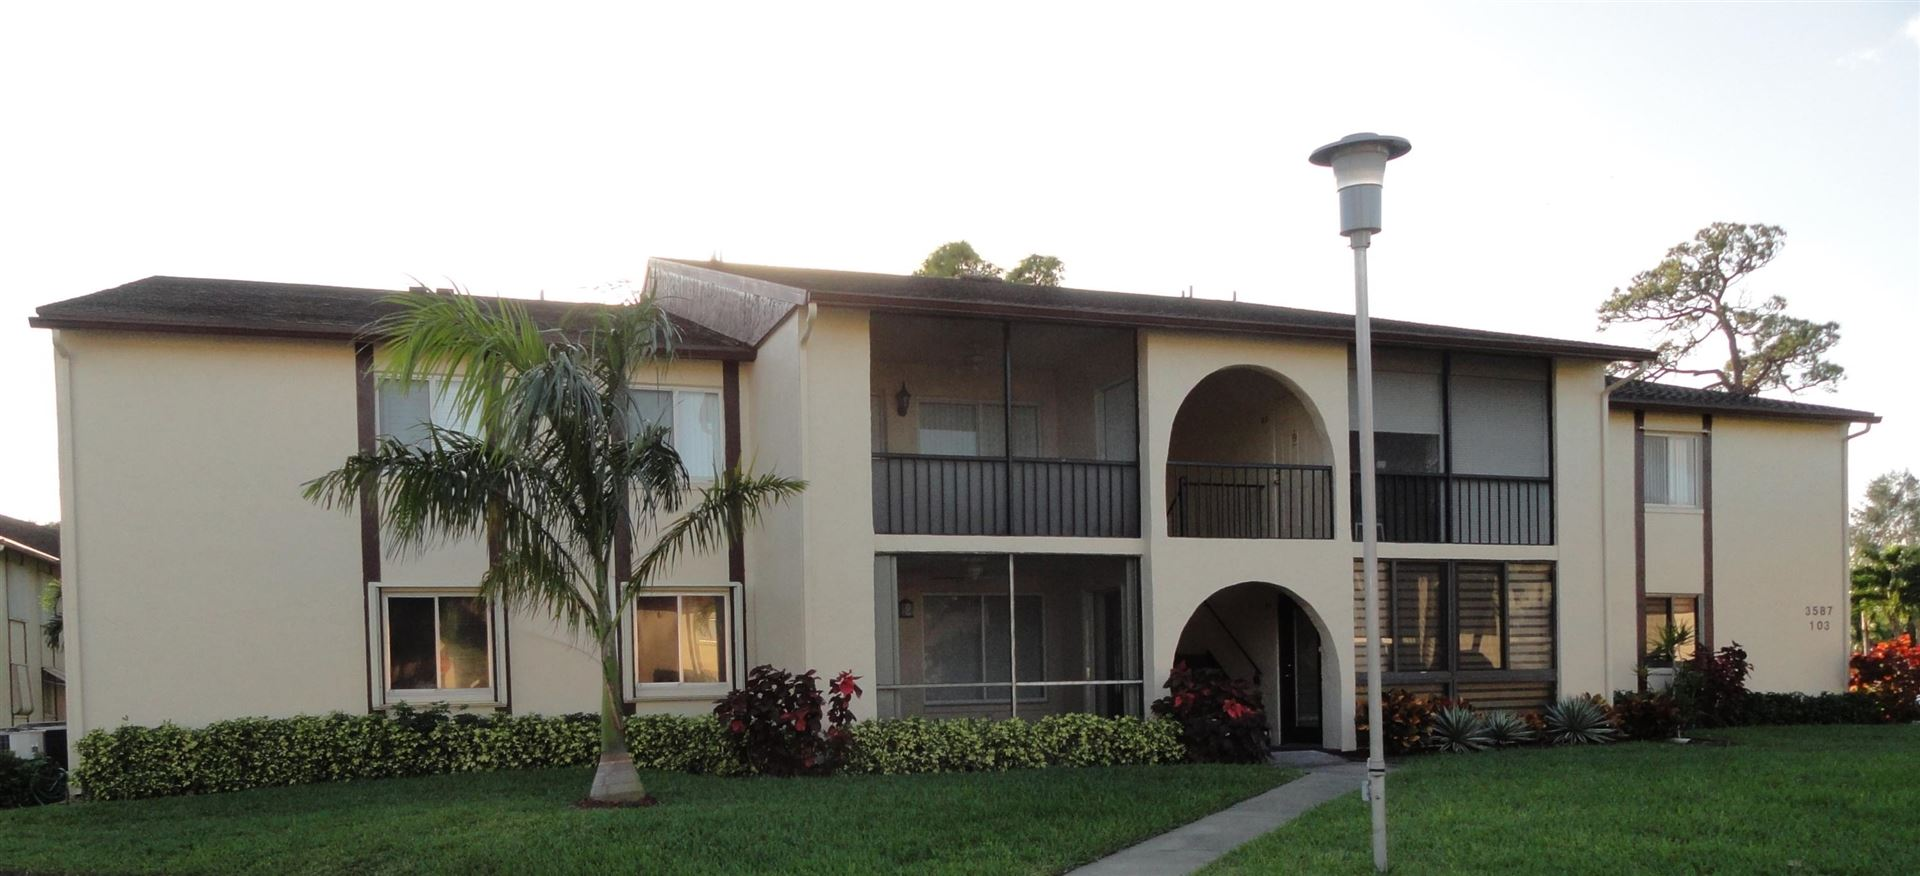 3587 La Playas Court #C-1, Greenacres, FL 33463 - #: RX-10674588